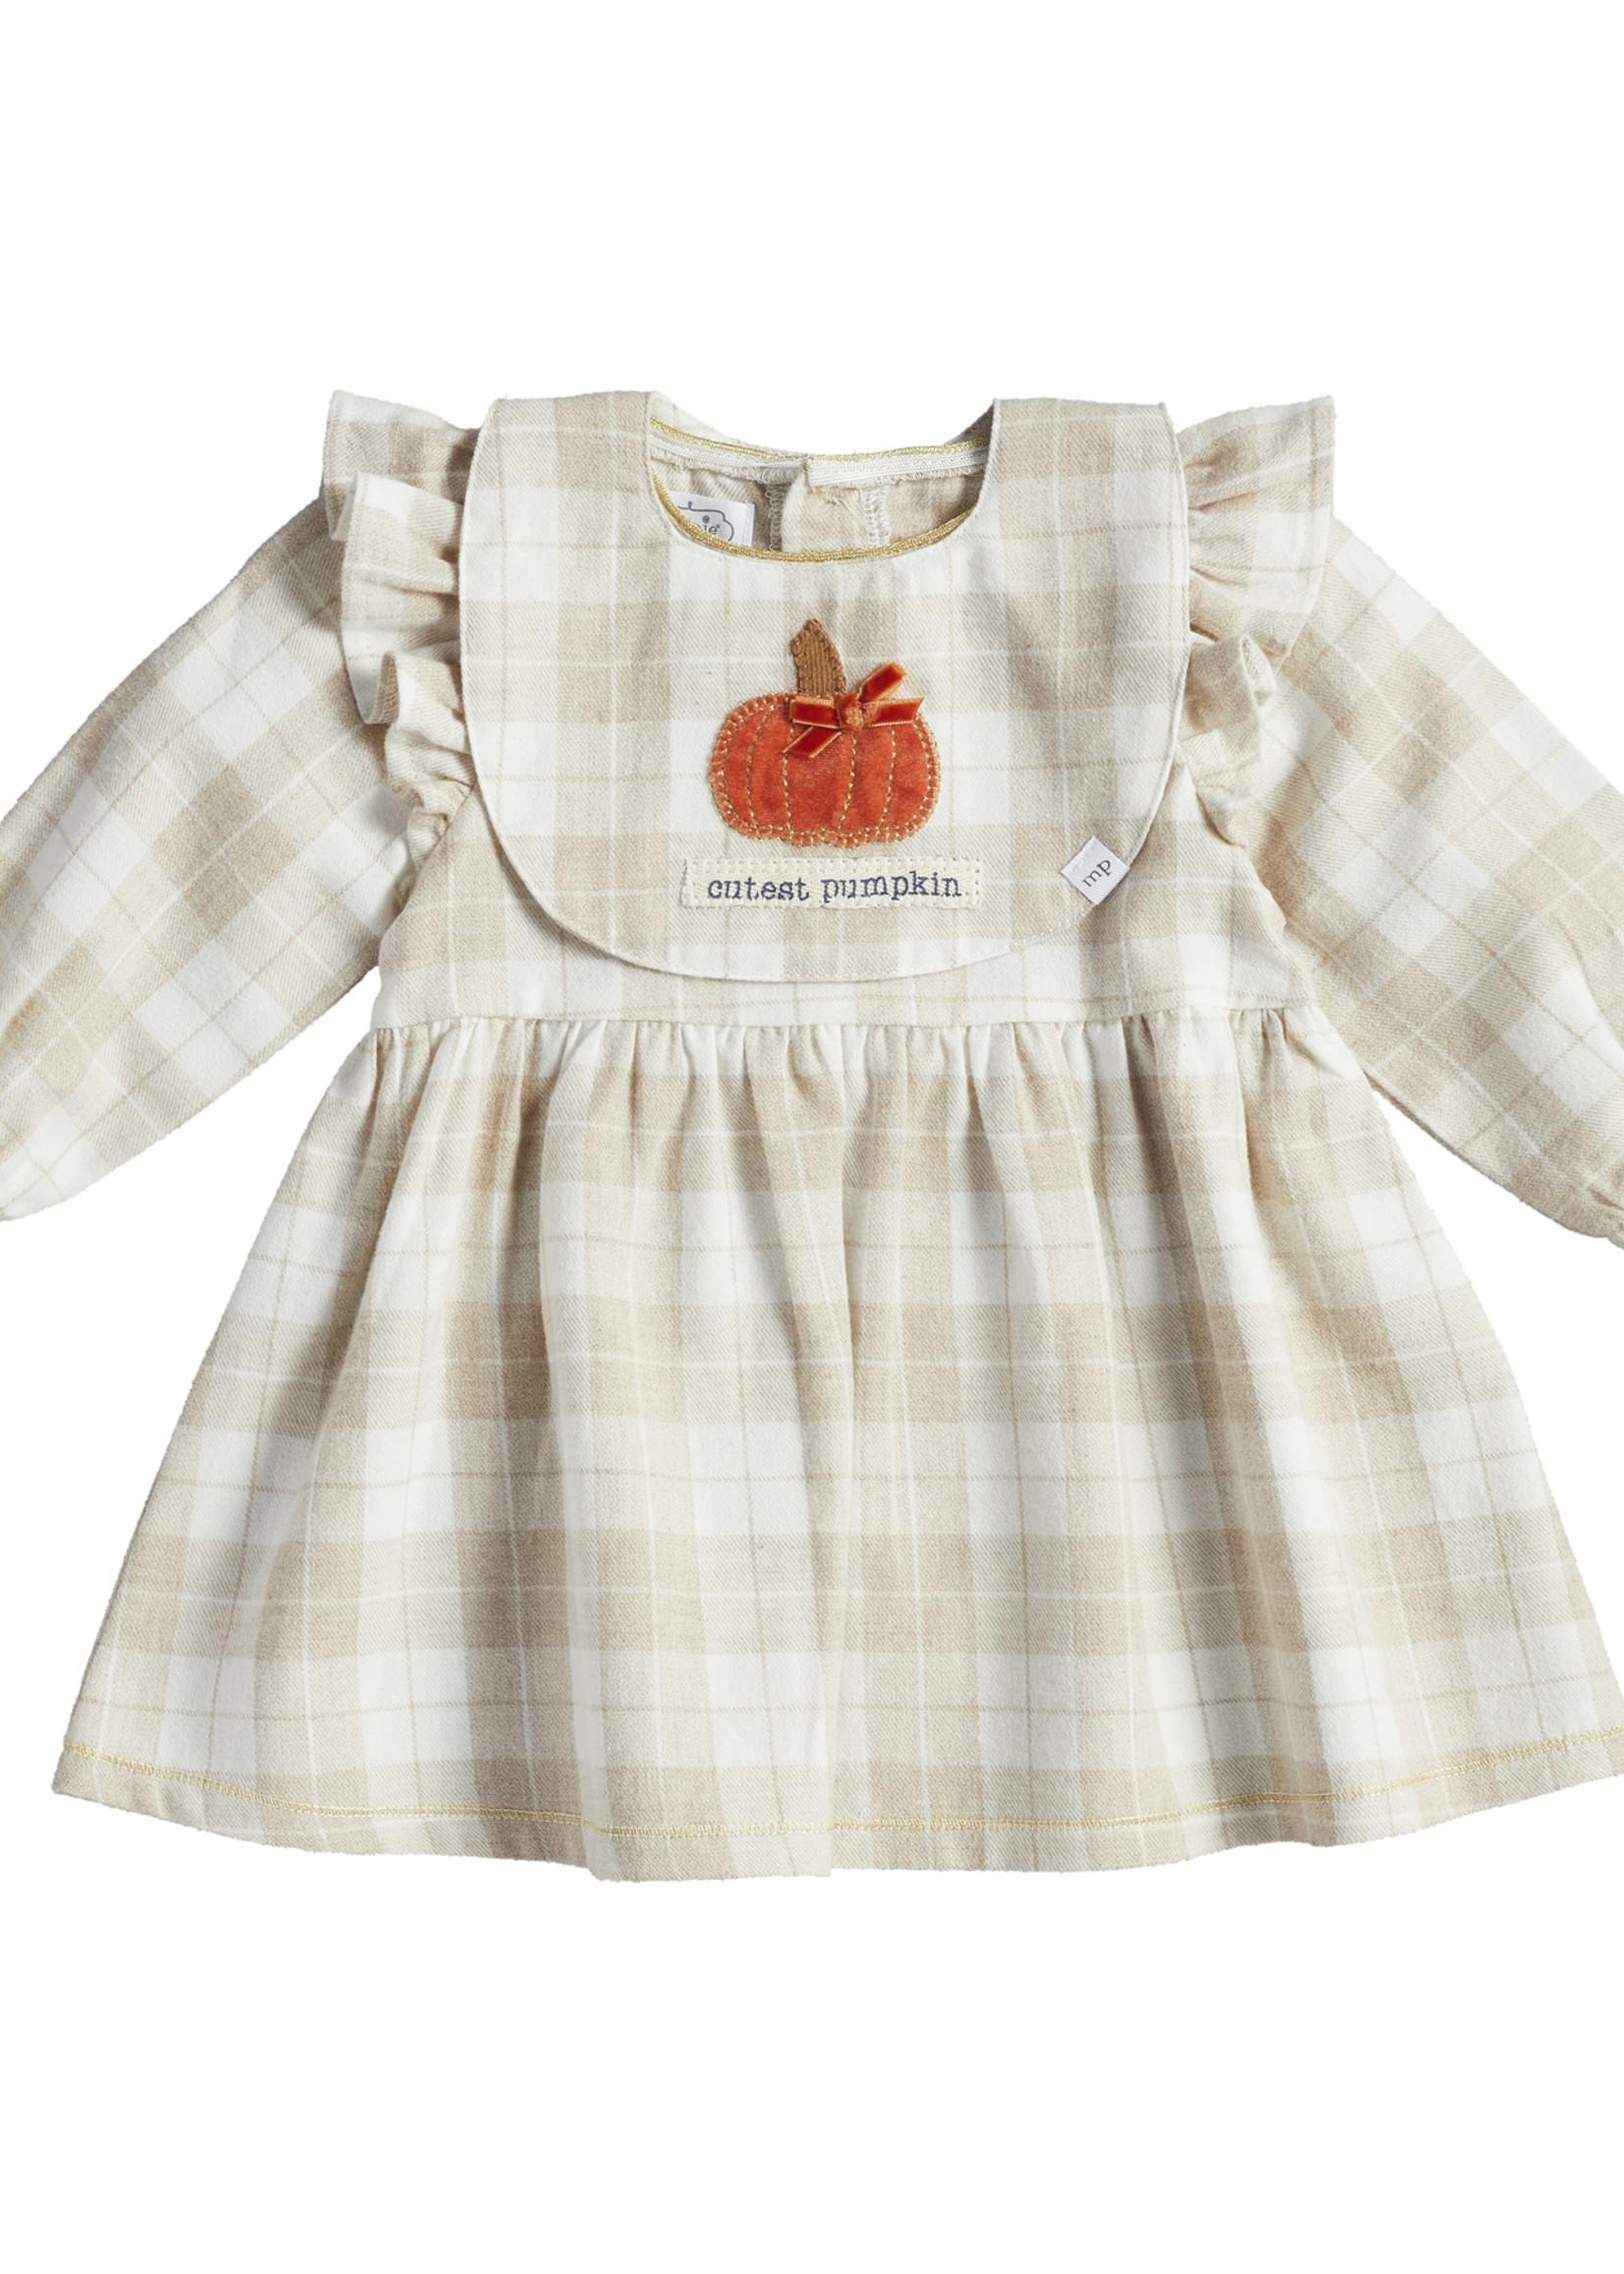 Mudpie Little Turkey Plaid Dress and Bib Set